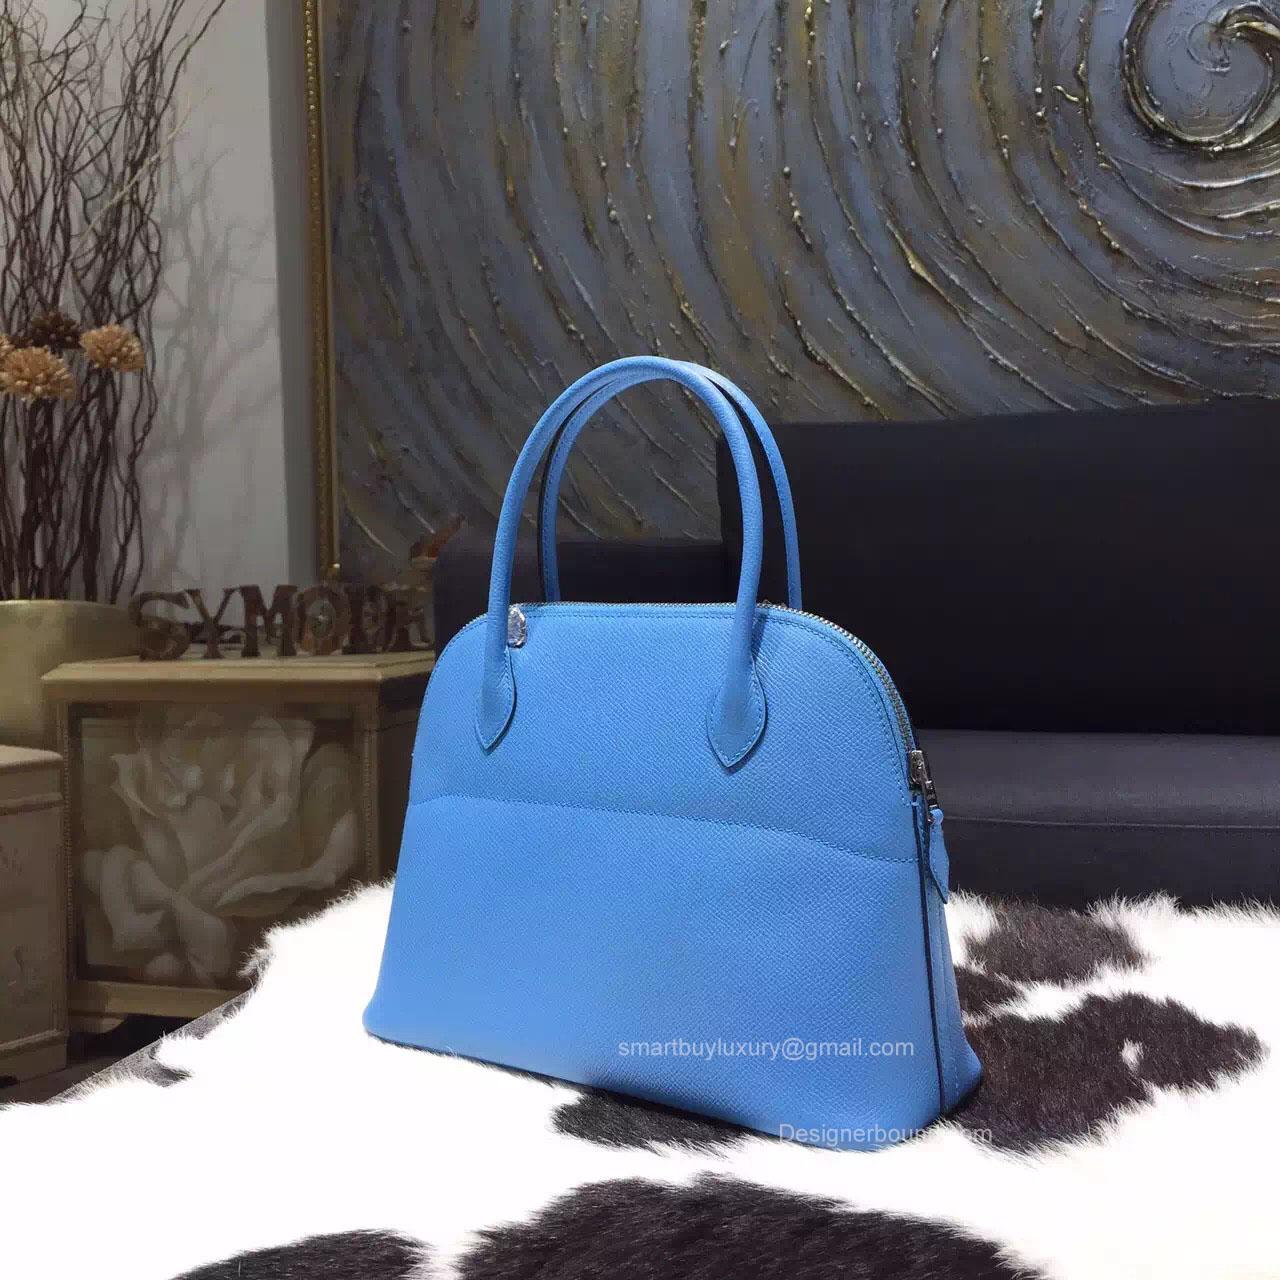 Hermes Bolide 27 Bag Blue Paradise 2t Epsom Leather